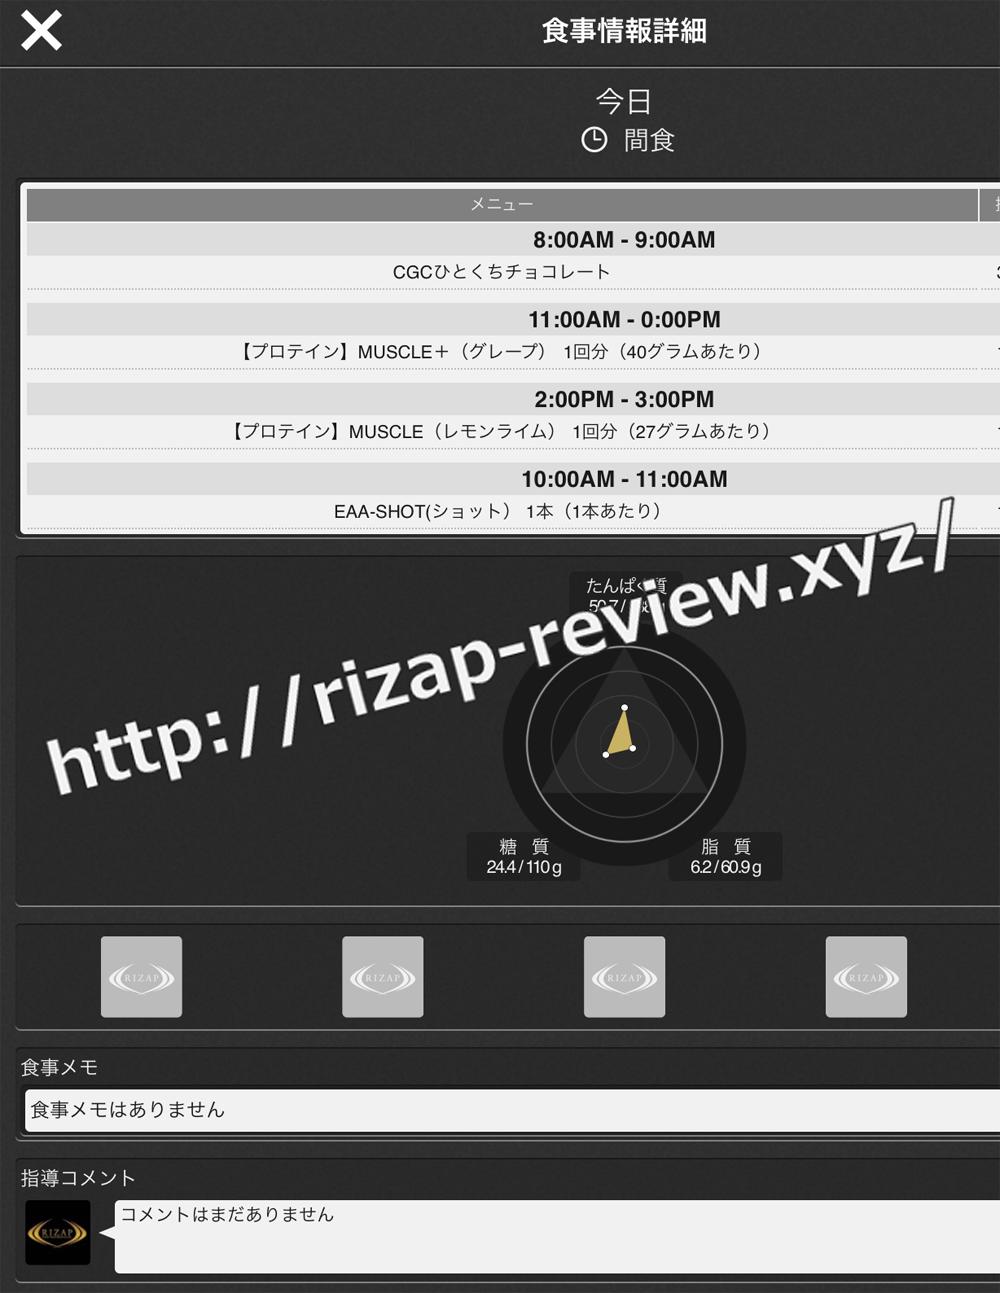 2018.10.22(月)ライザップ流の間食